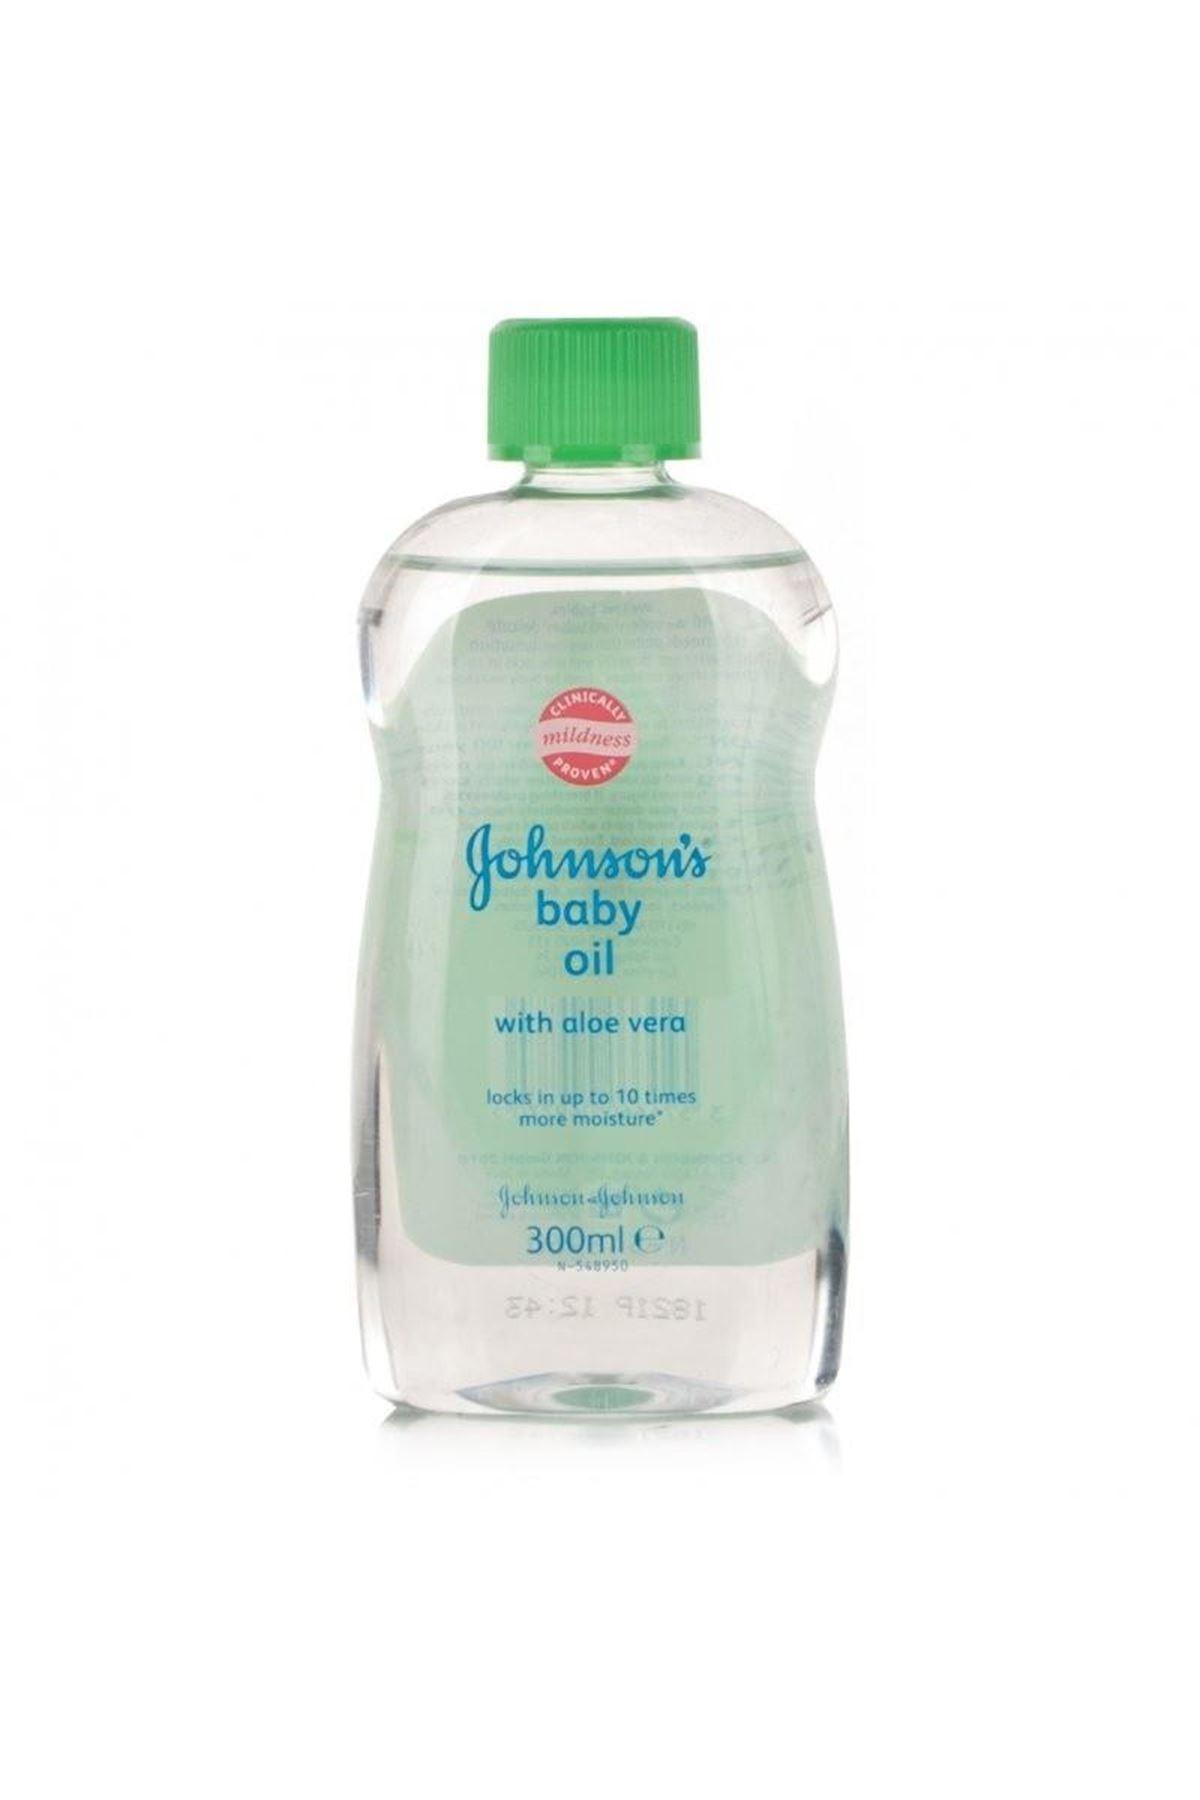 Johnson's Baby Nemlendirici Aloe Veralı Bebek Yağı 300 ml